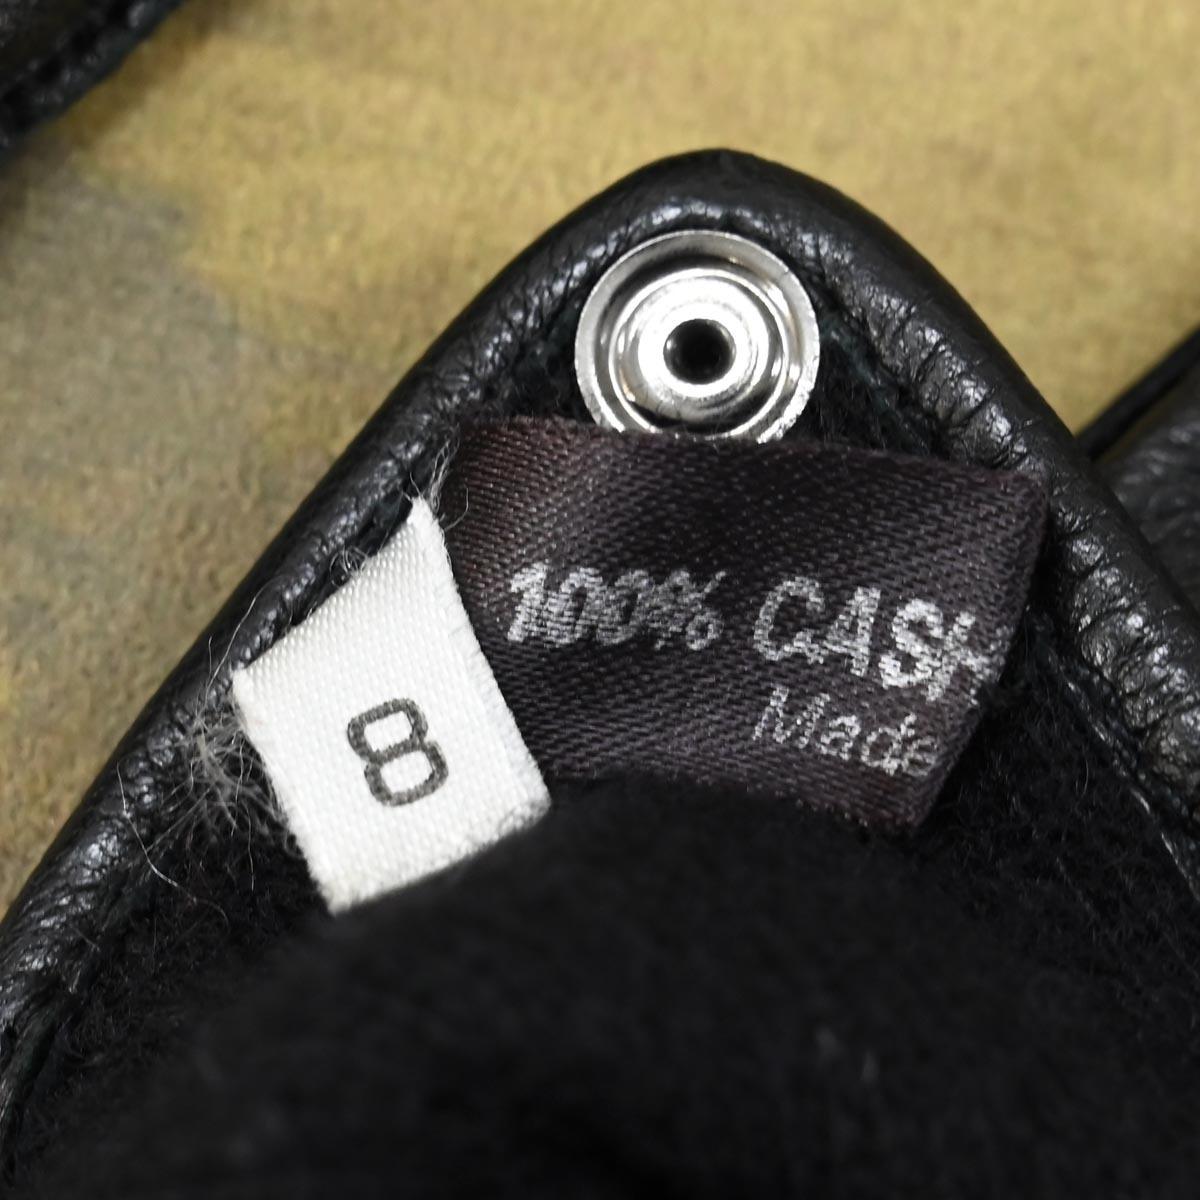 本物 超美品 グッチ 極希少 希少革 エキゾチックオーストレッグレザー グローブ メンズ8 ブラック 裏カシミヤ100% 紳士用 皮手袋 GUCCI_画像5